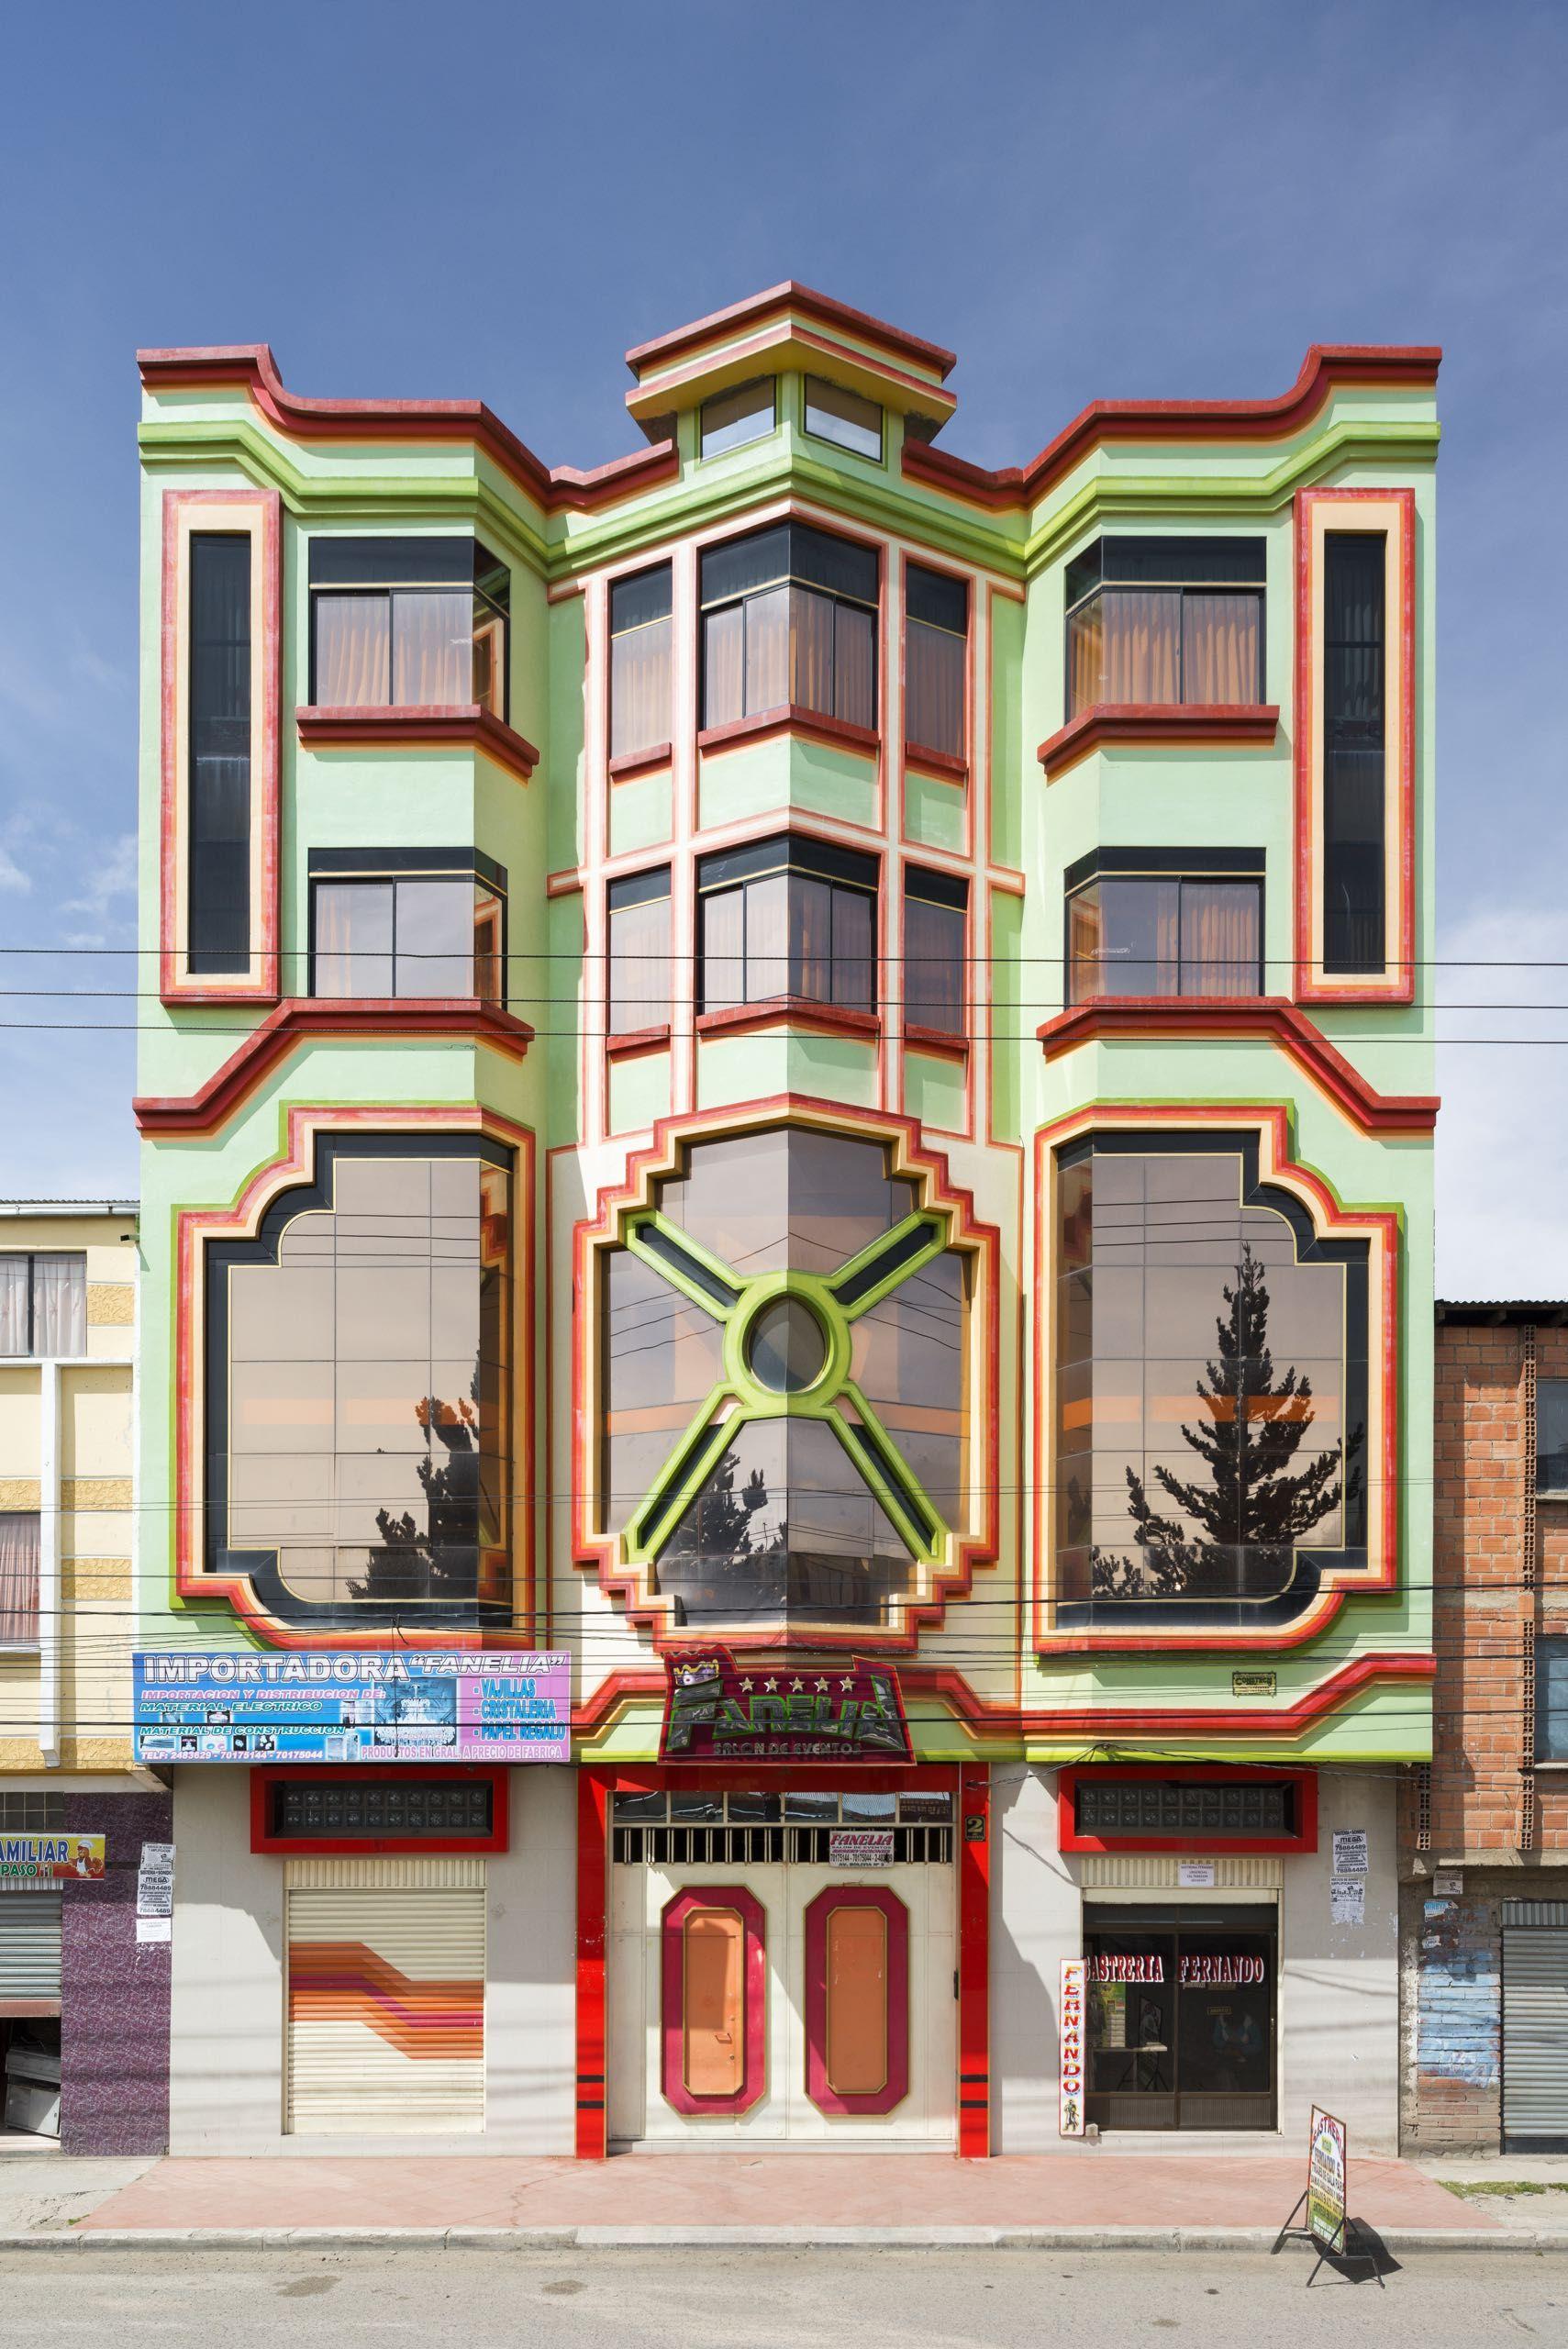 Le architetture di Freddy Mamani sembrano giocattoli | Collater.al